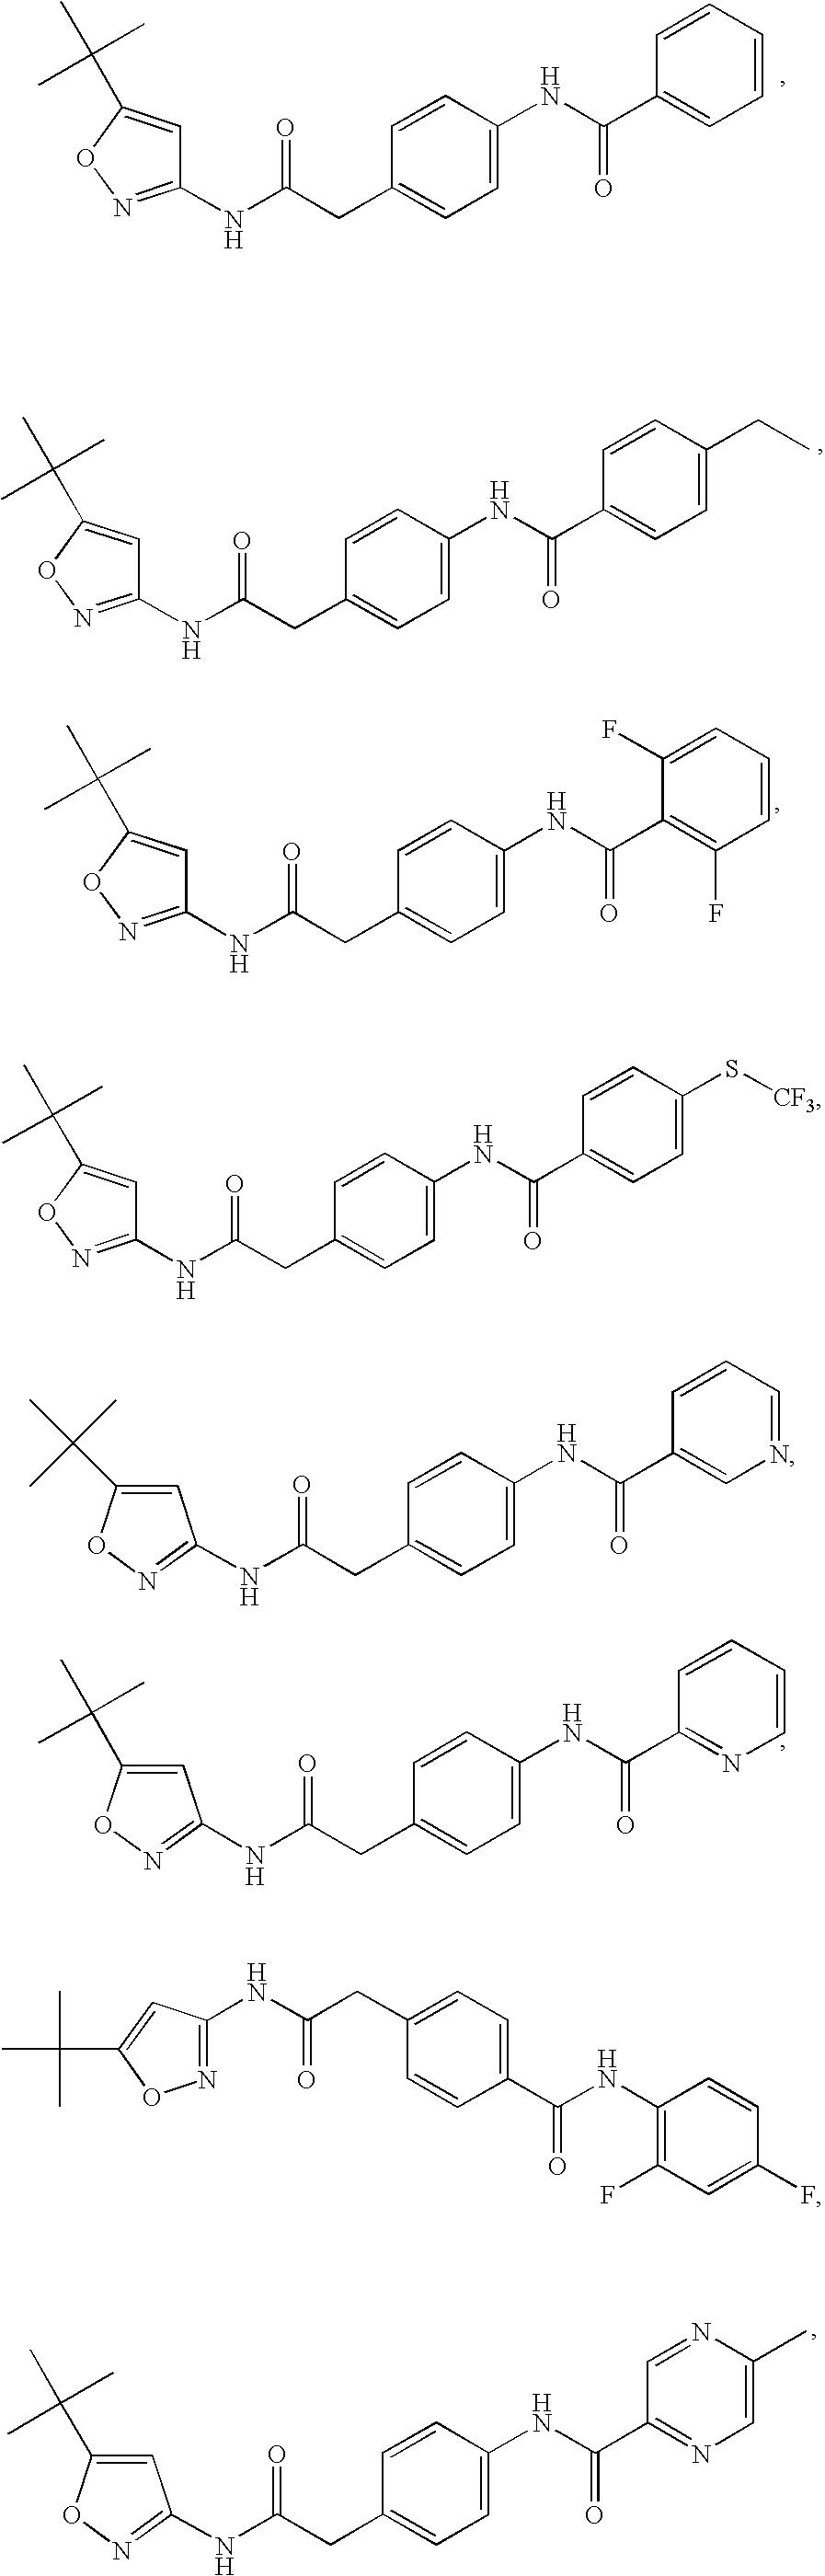 Figure US07767670-20100803-C00380